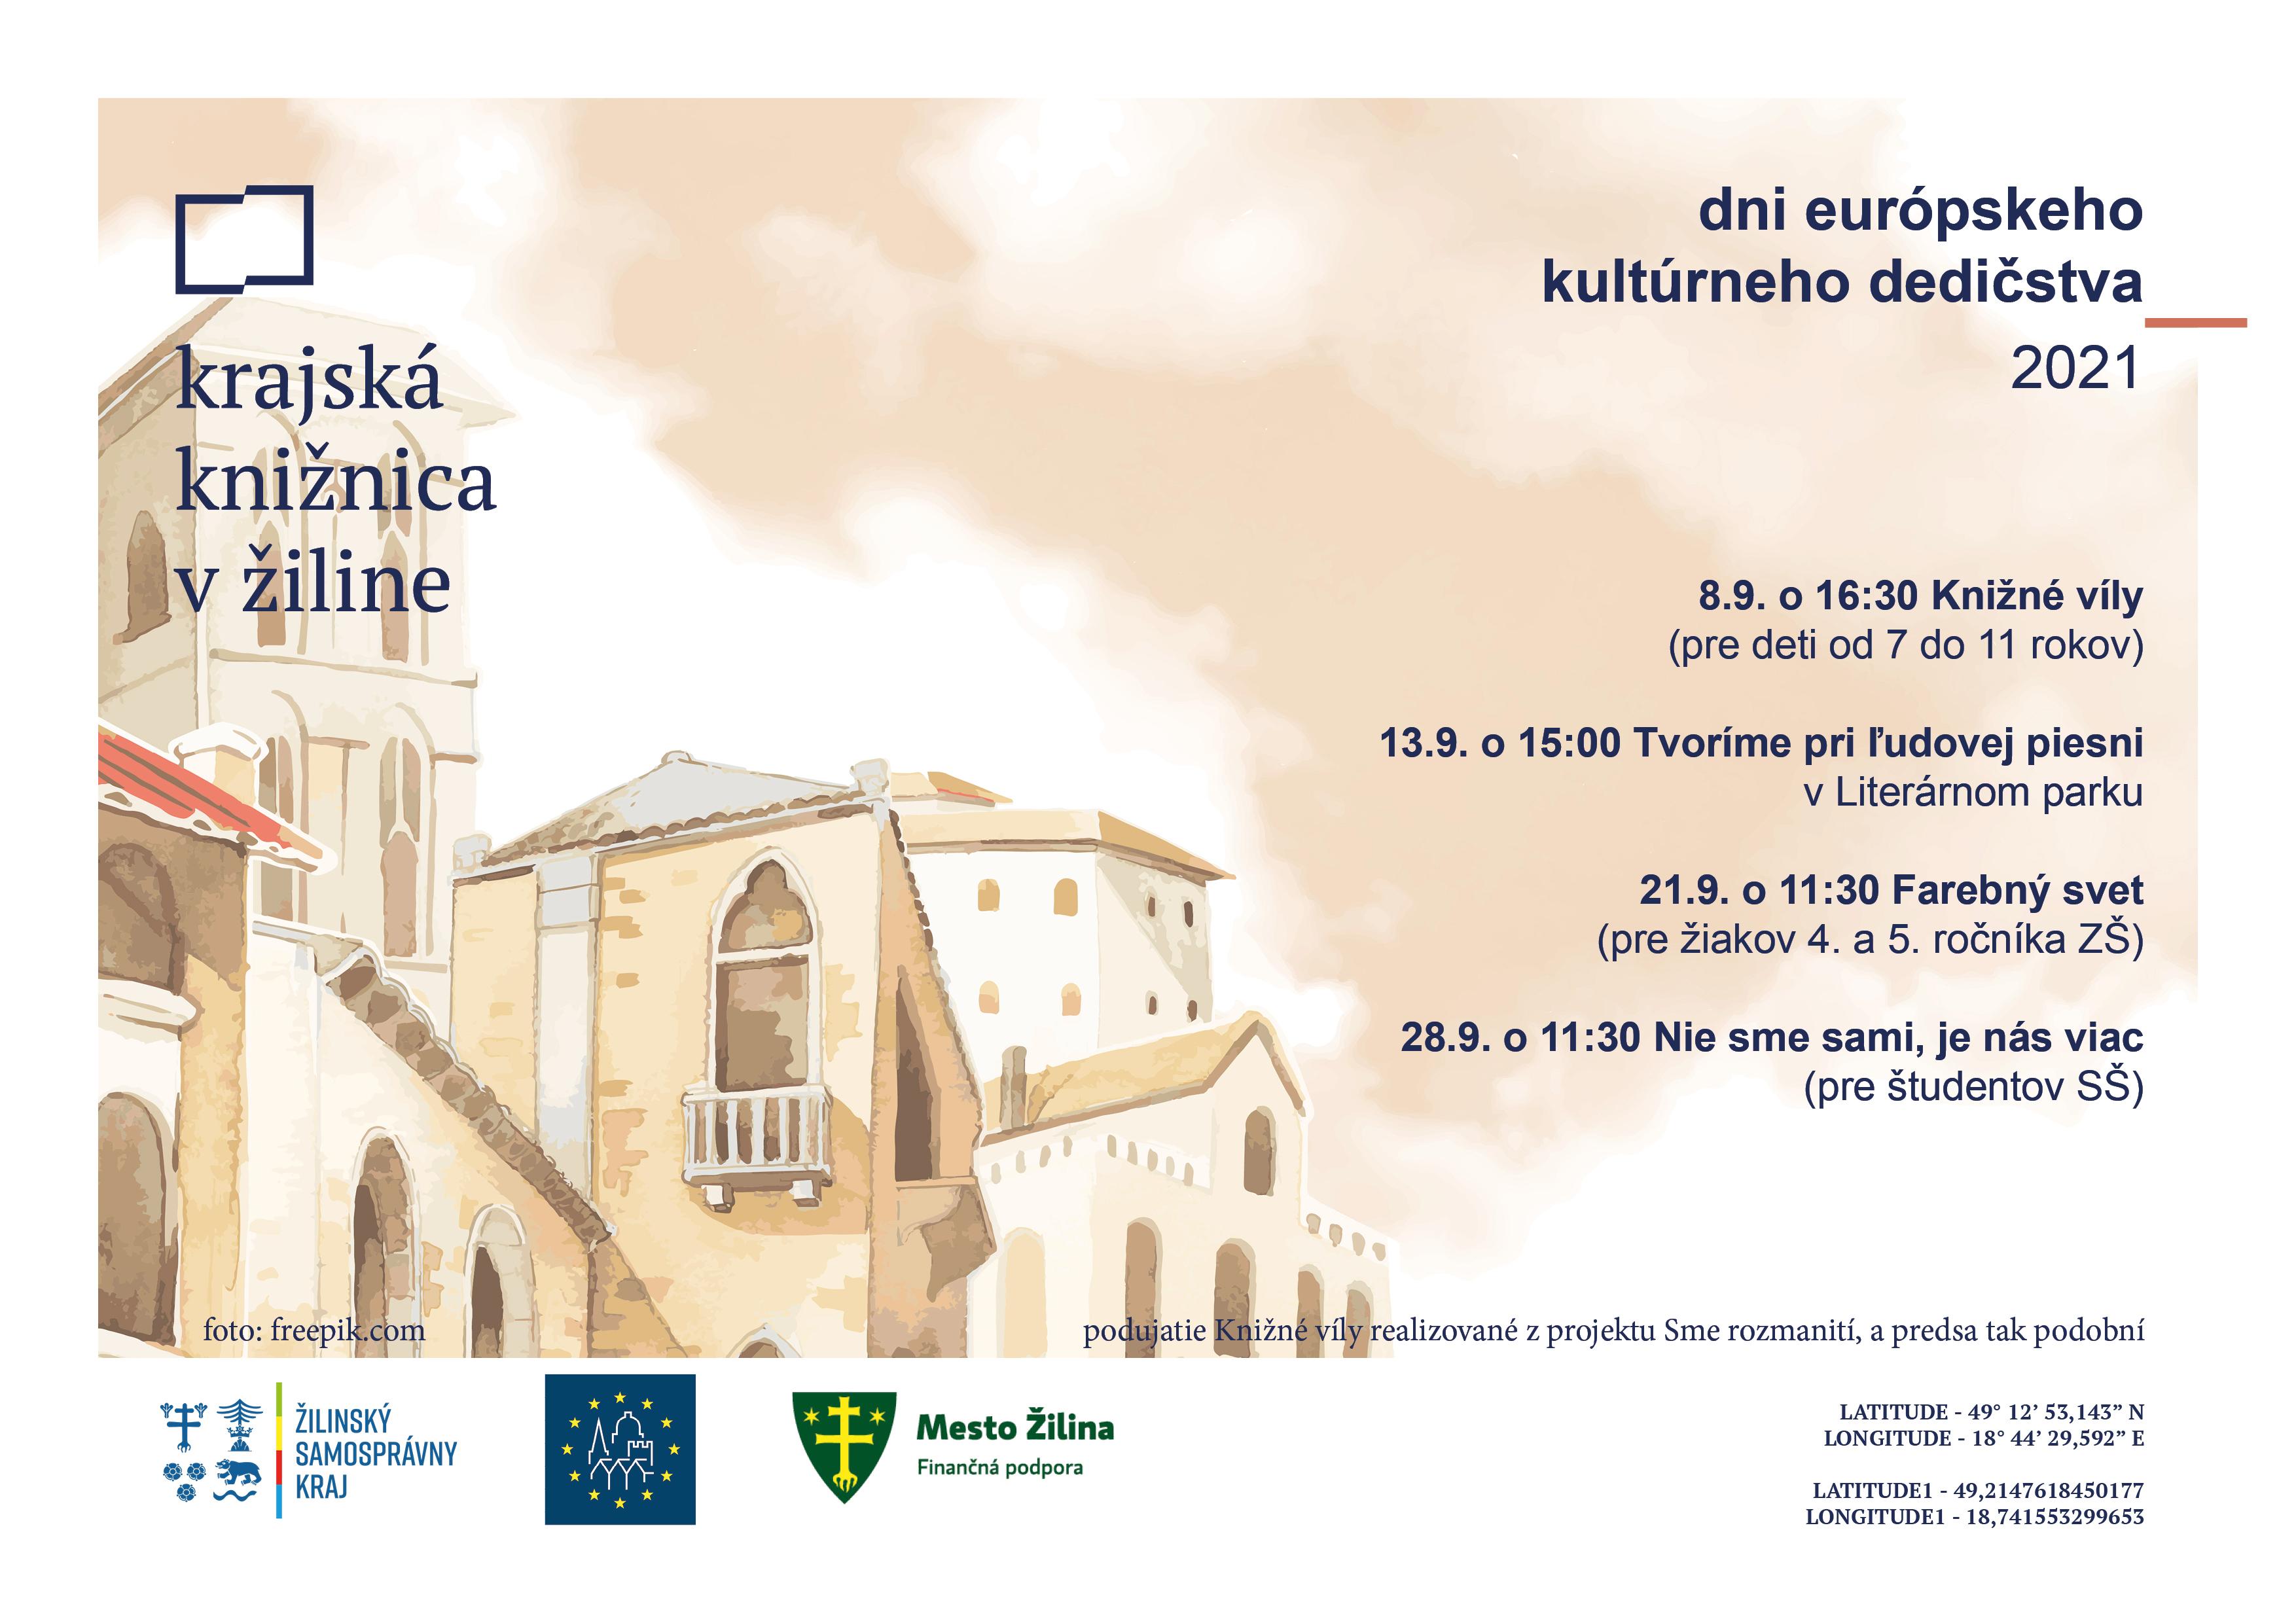 dni európskeho kultúrneho dedičstva 2021 - podujatia v KKZA